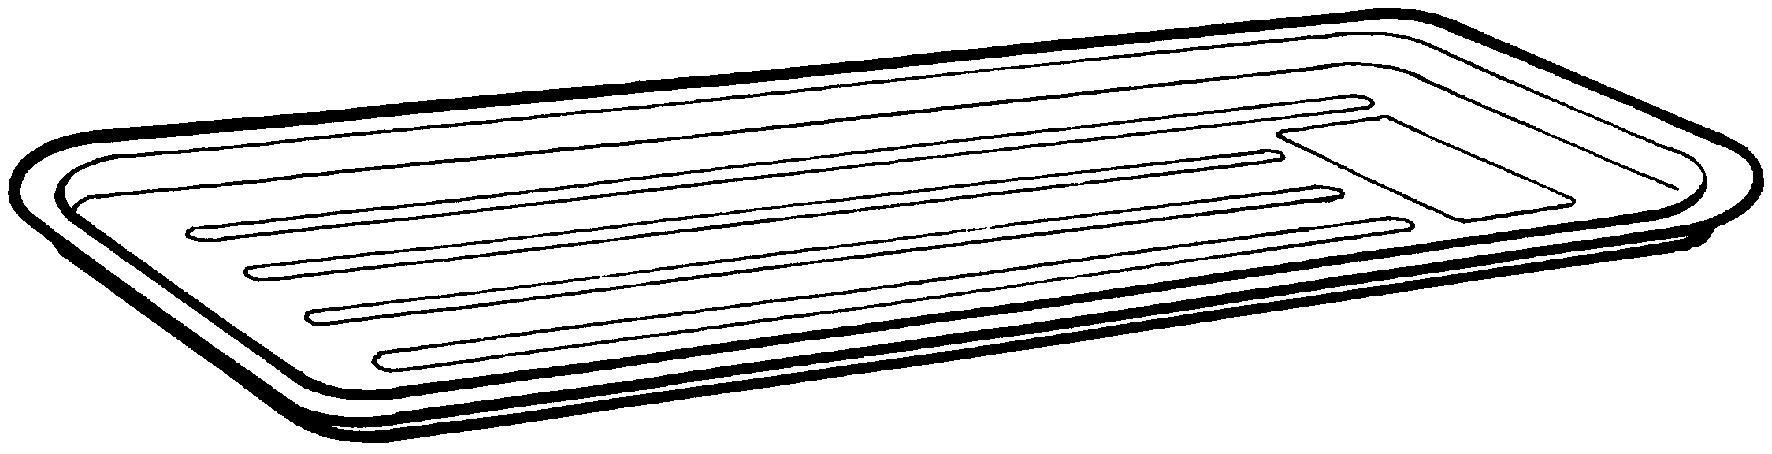 56/2 Tento výrobek se standardně nevyrábí